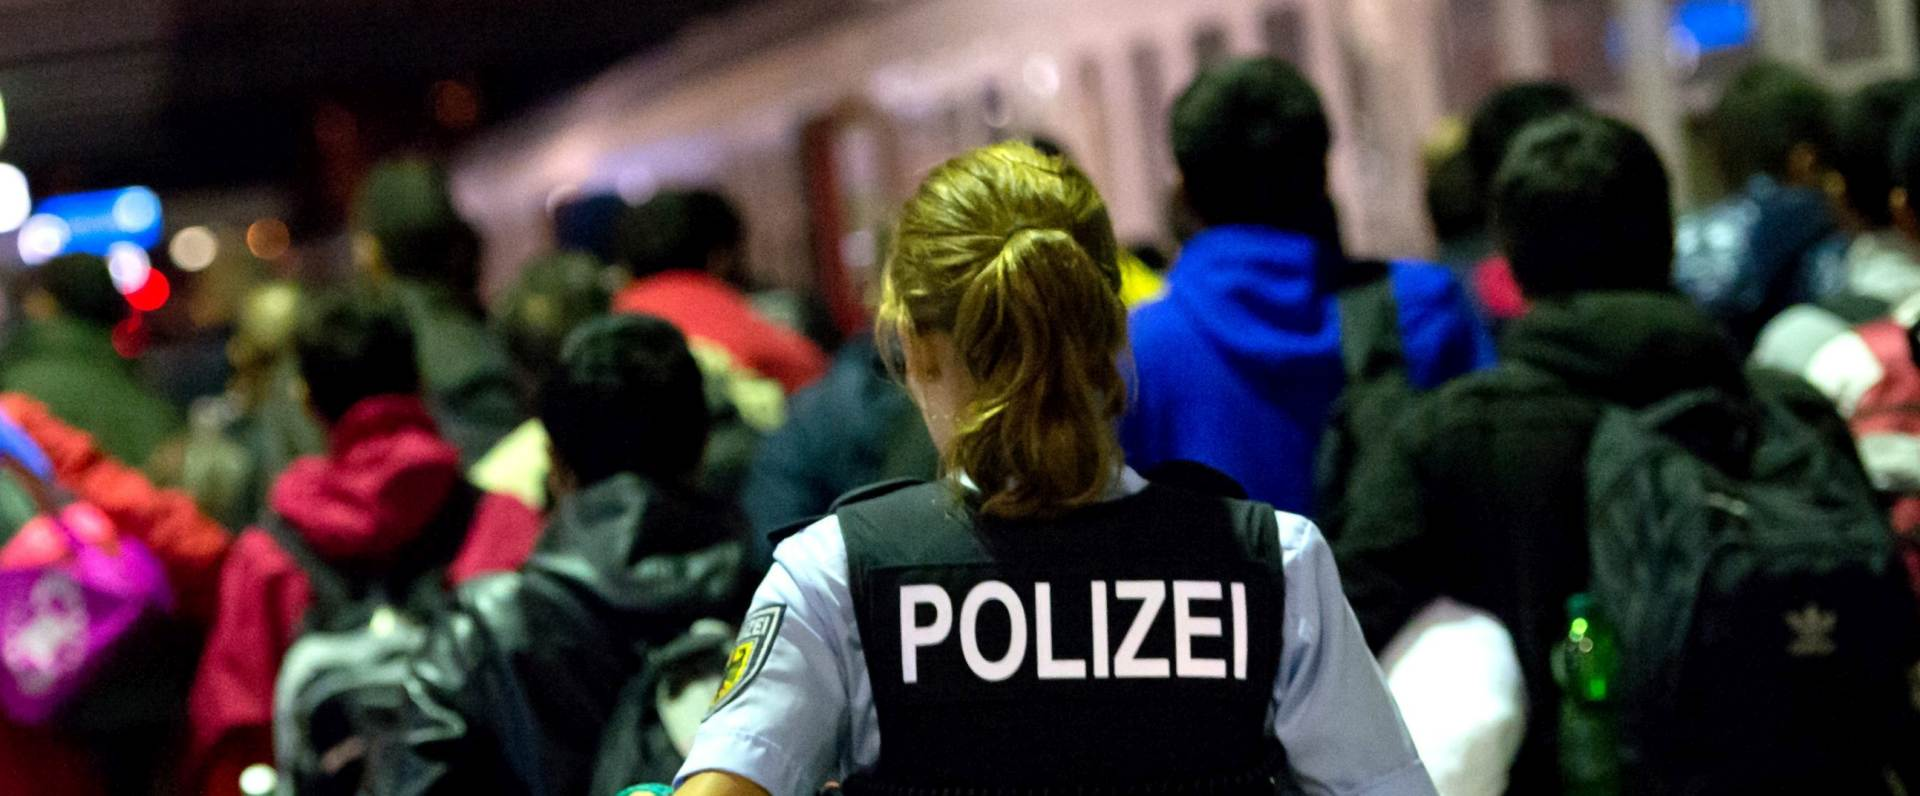 RAST NETRPELJIVOSTI: Sve više napada na izbjegličke smještaje u Njemačkoj